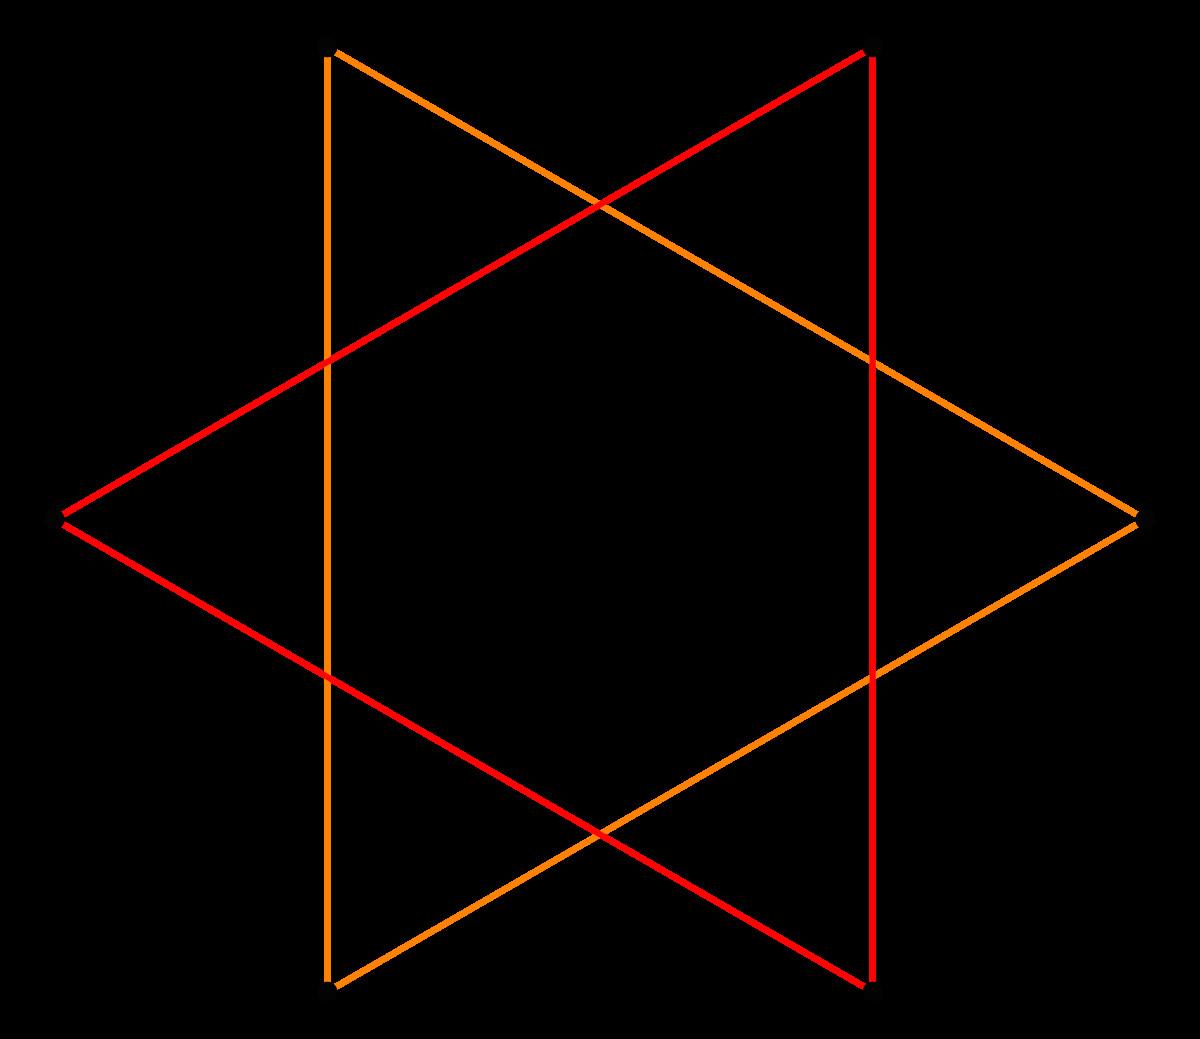 1200px regular star figure 2 283 2c1 29 svg png